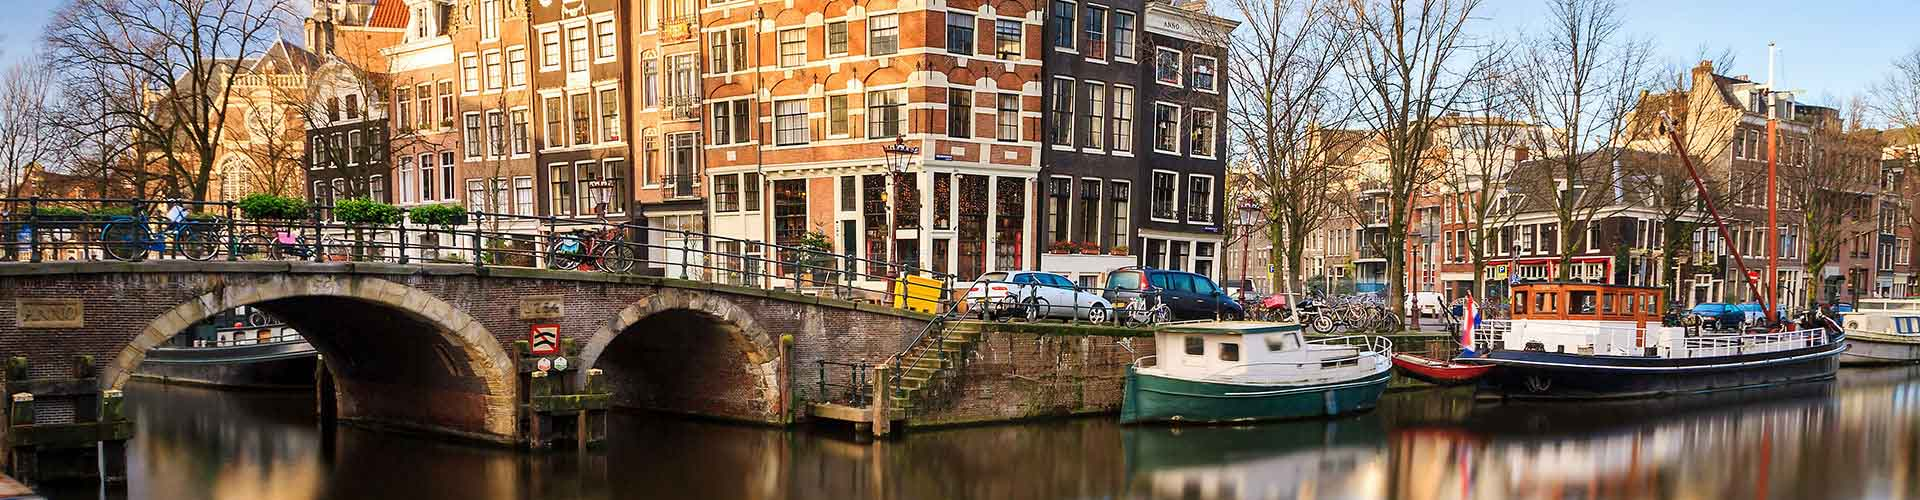 Amsterdam - Auberges de jeunesse près de Diamond Museum Amsterdam. Cartes pour Amsterdam, photos et commentaires pour chaque auberge de jeunesse à Amsterdam.